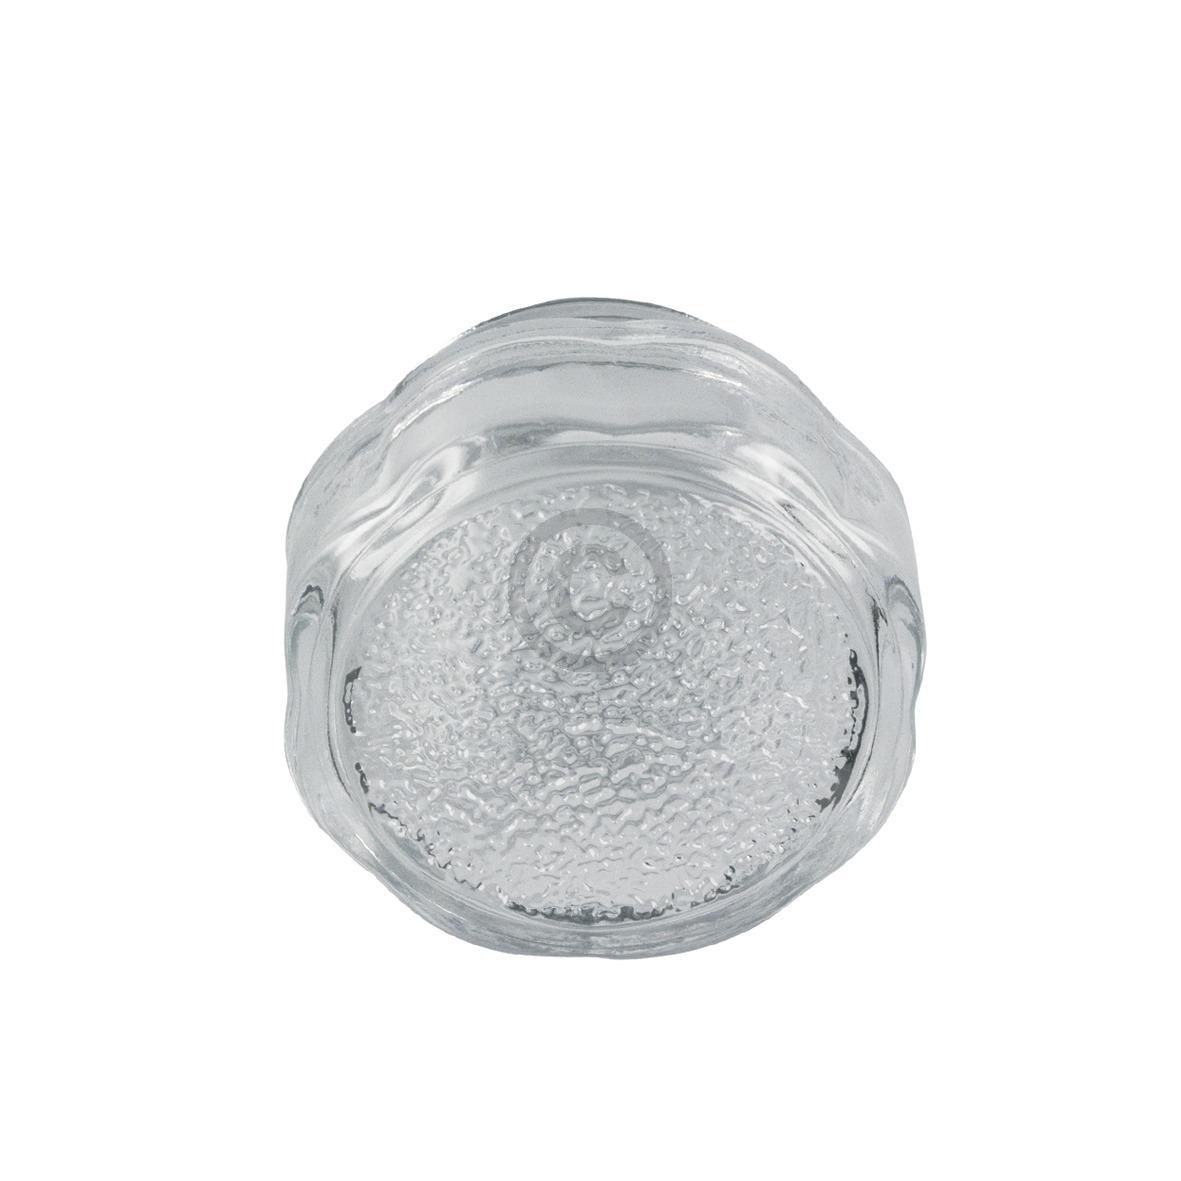 Lampenabdeckung Whirlpool 481010646361 Glaskalotte 40mmØ für Backofen